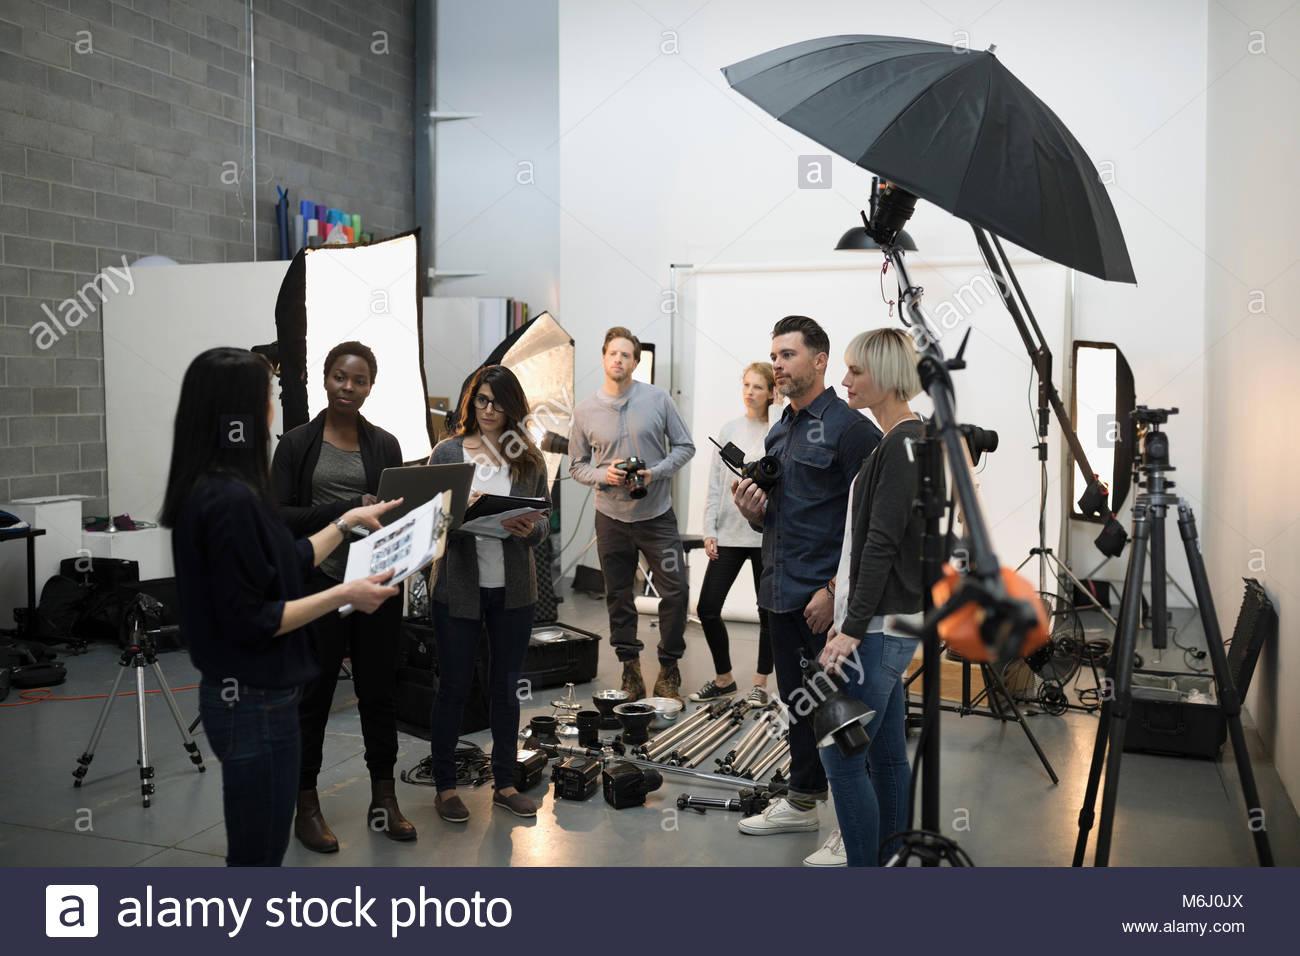 Réunion de l'équipe de photographes et de production, la préparation de la séance photo Photo Stock